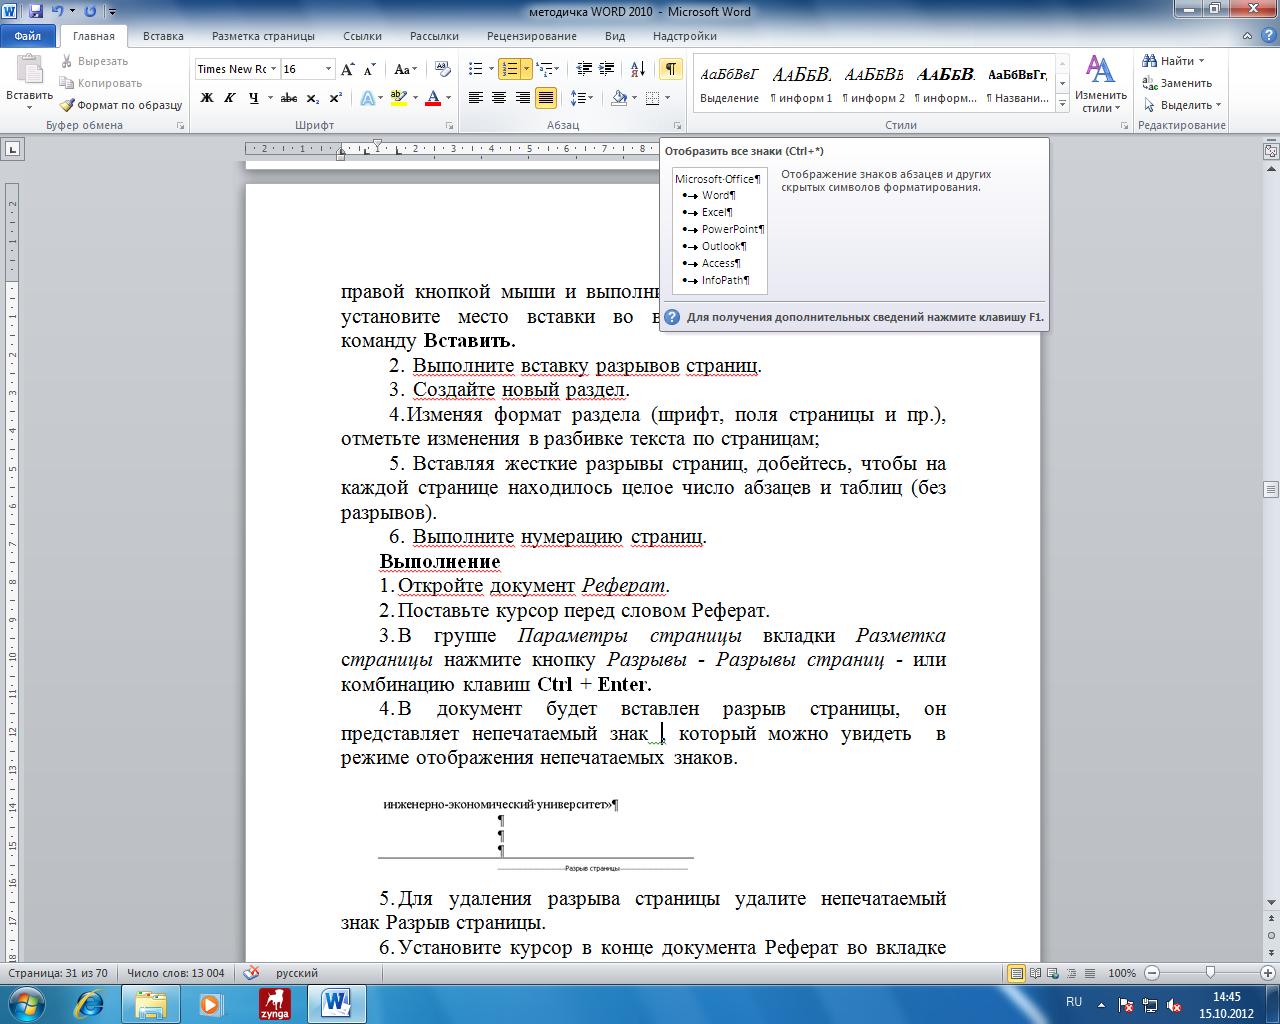 Реферат Текстовый процессор word  В документ будет вставлен разрыв страницы он представляет непечатаемый знак